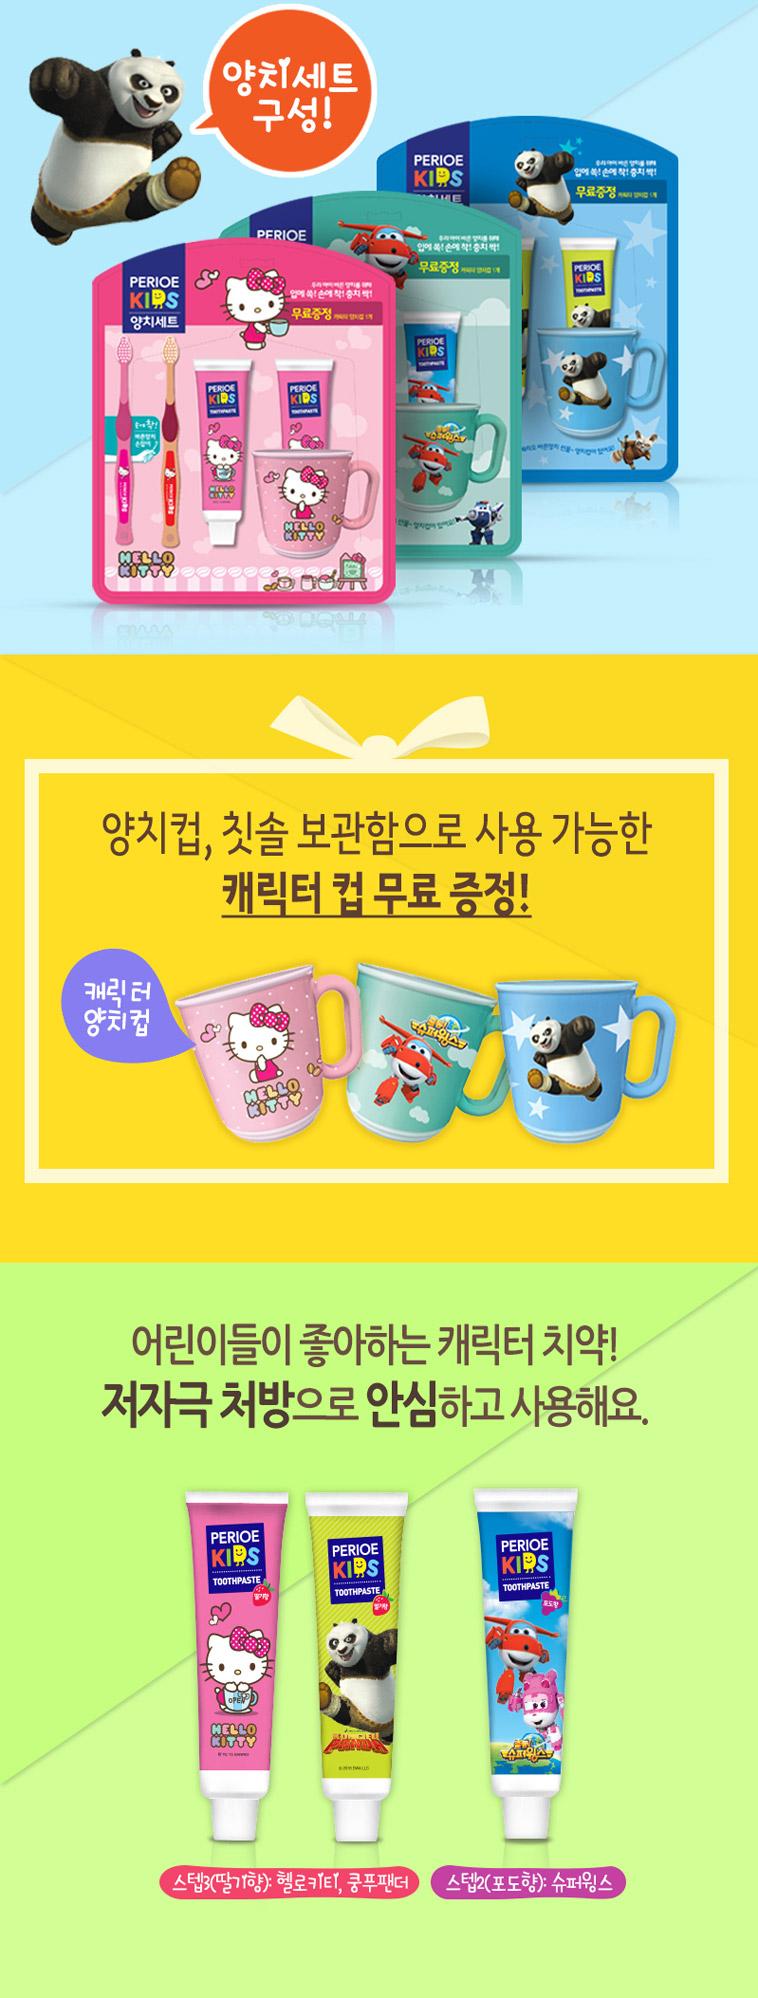 [스타쿠폰] 페리오 펌핑 치약/칫솔 - 상세정보